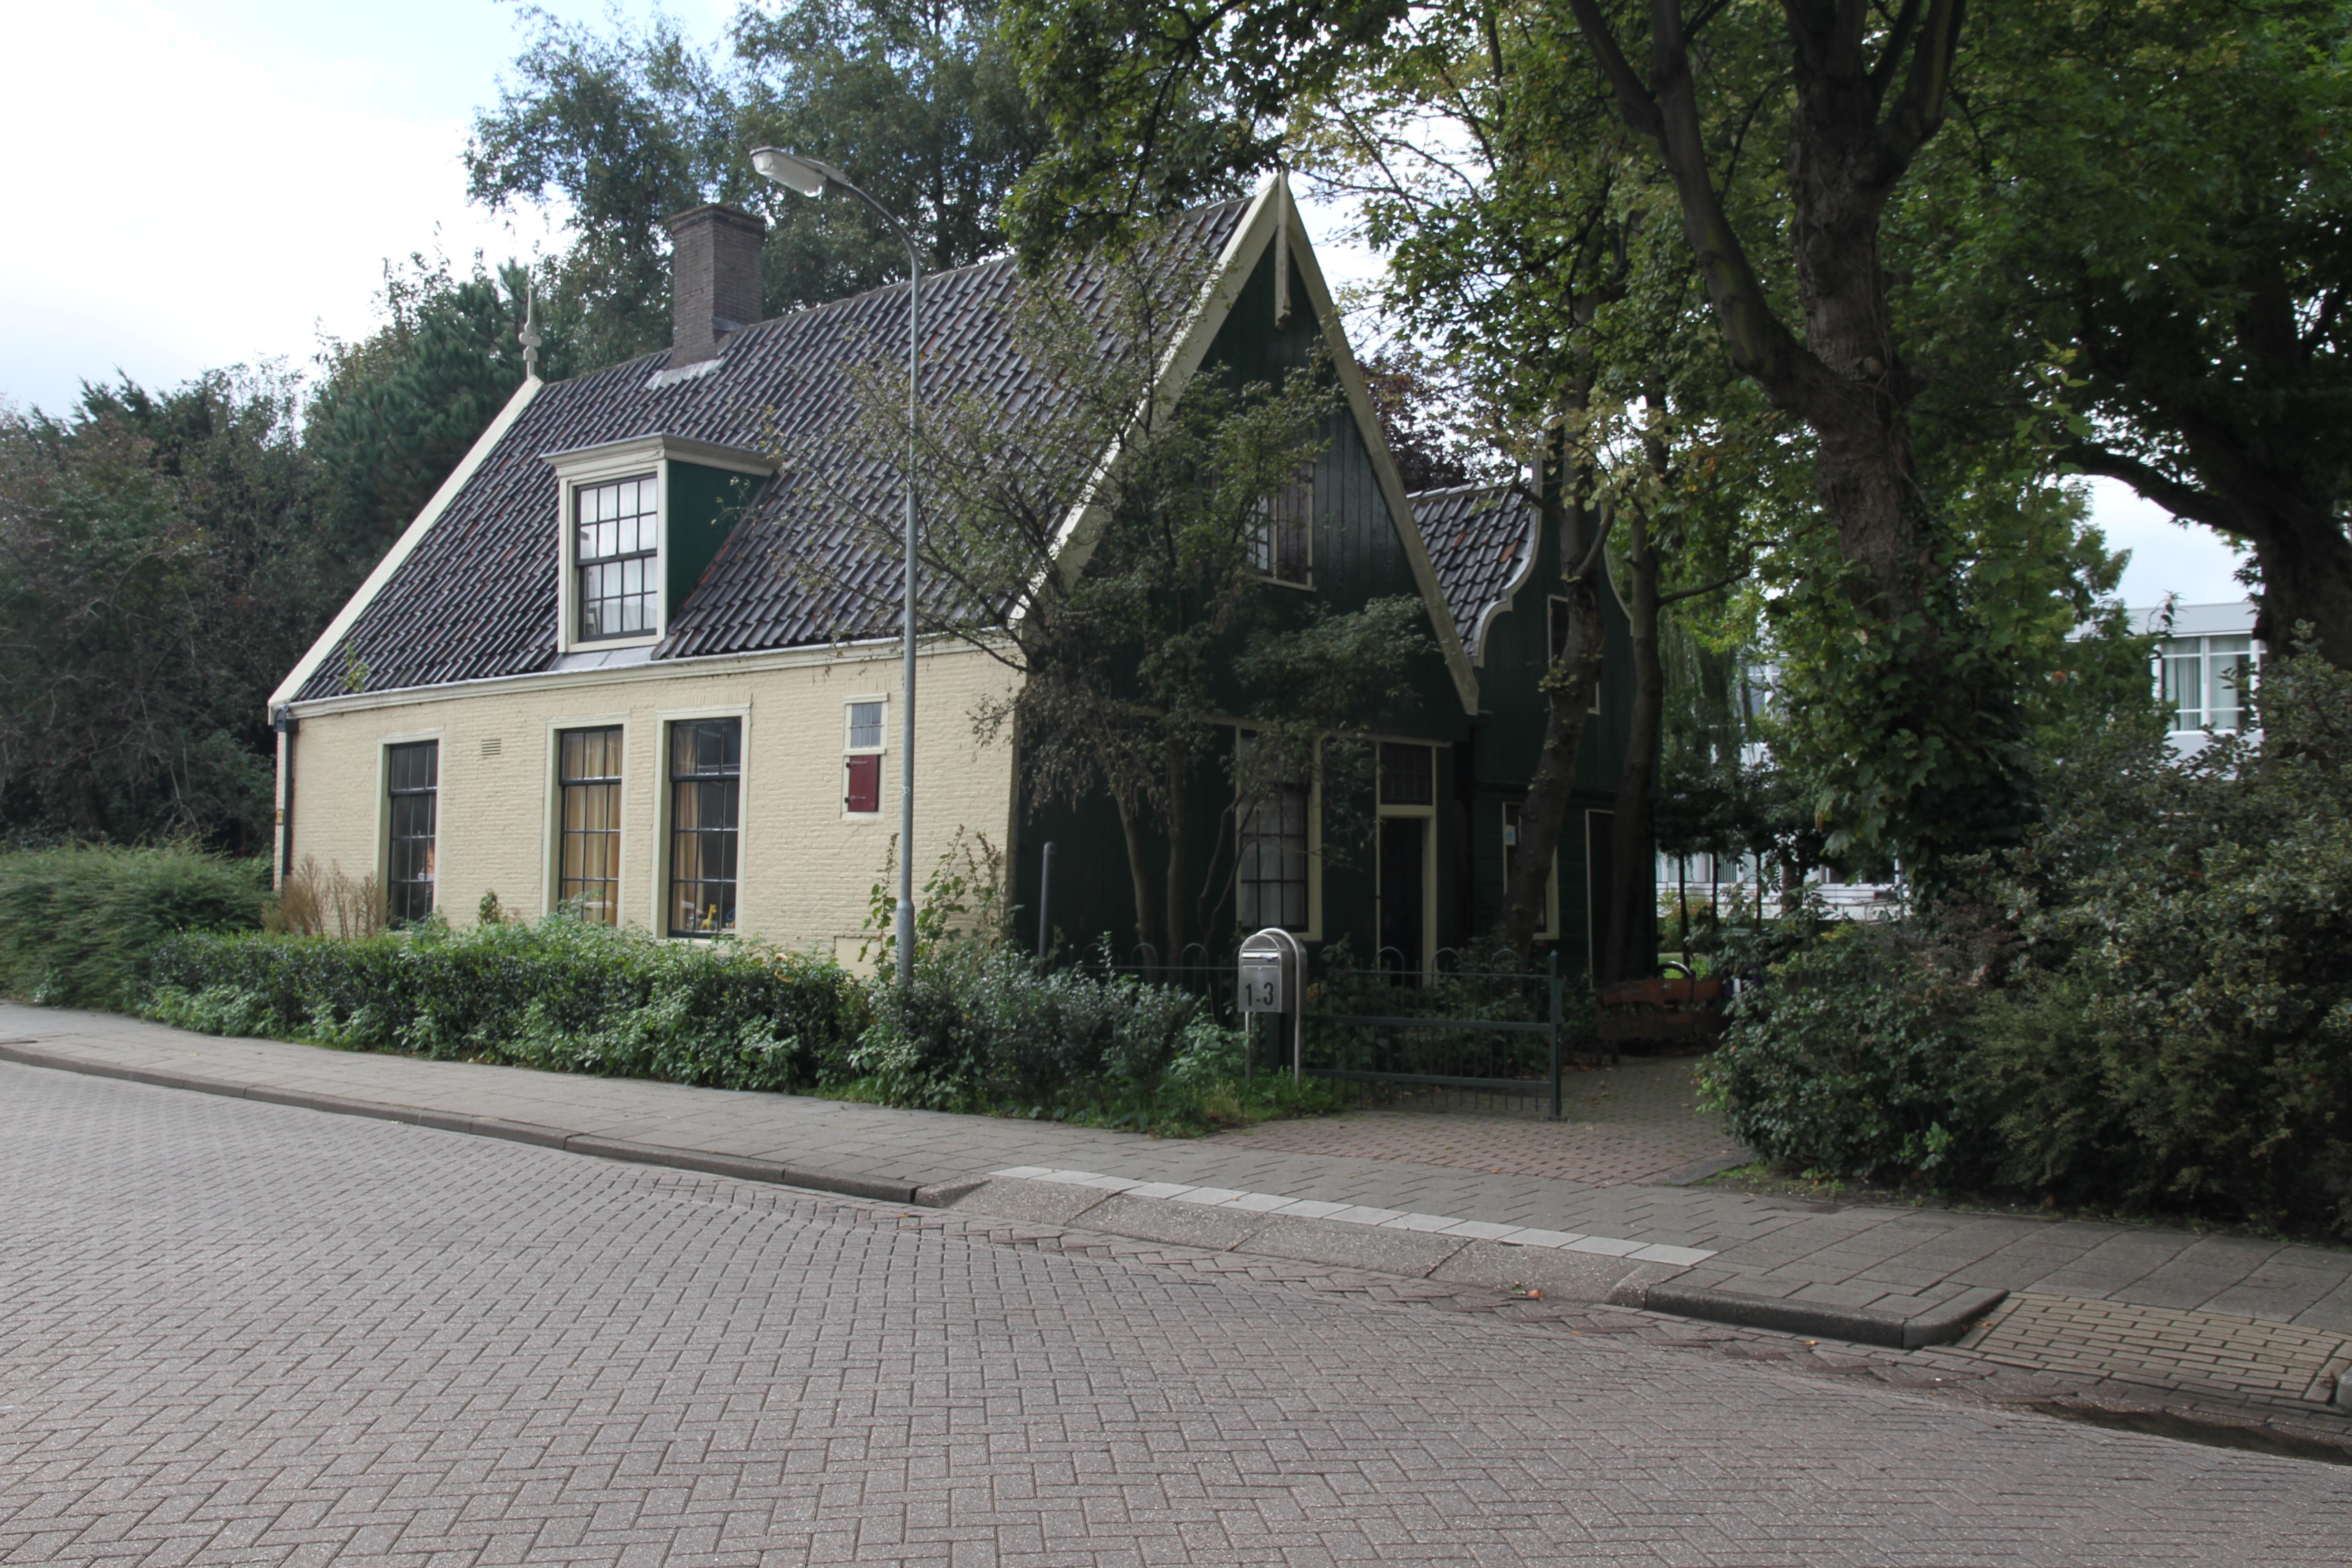 Houten huis met zadeldak evenwijdig aan de straat in koog aan de zaan monument for Hout huis